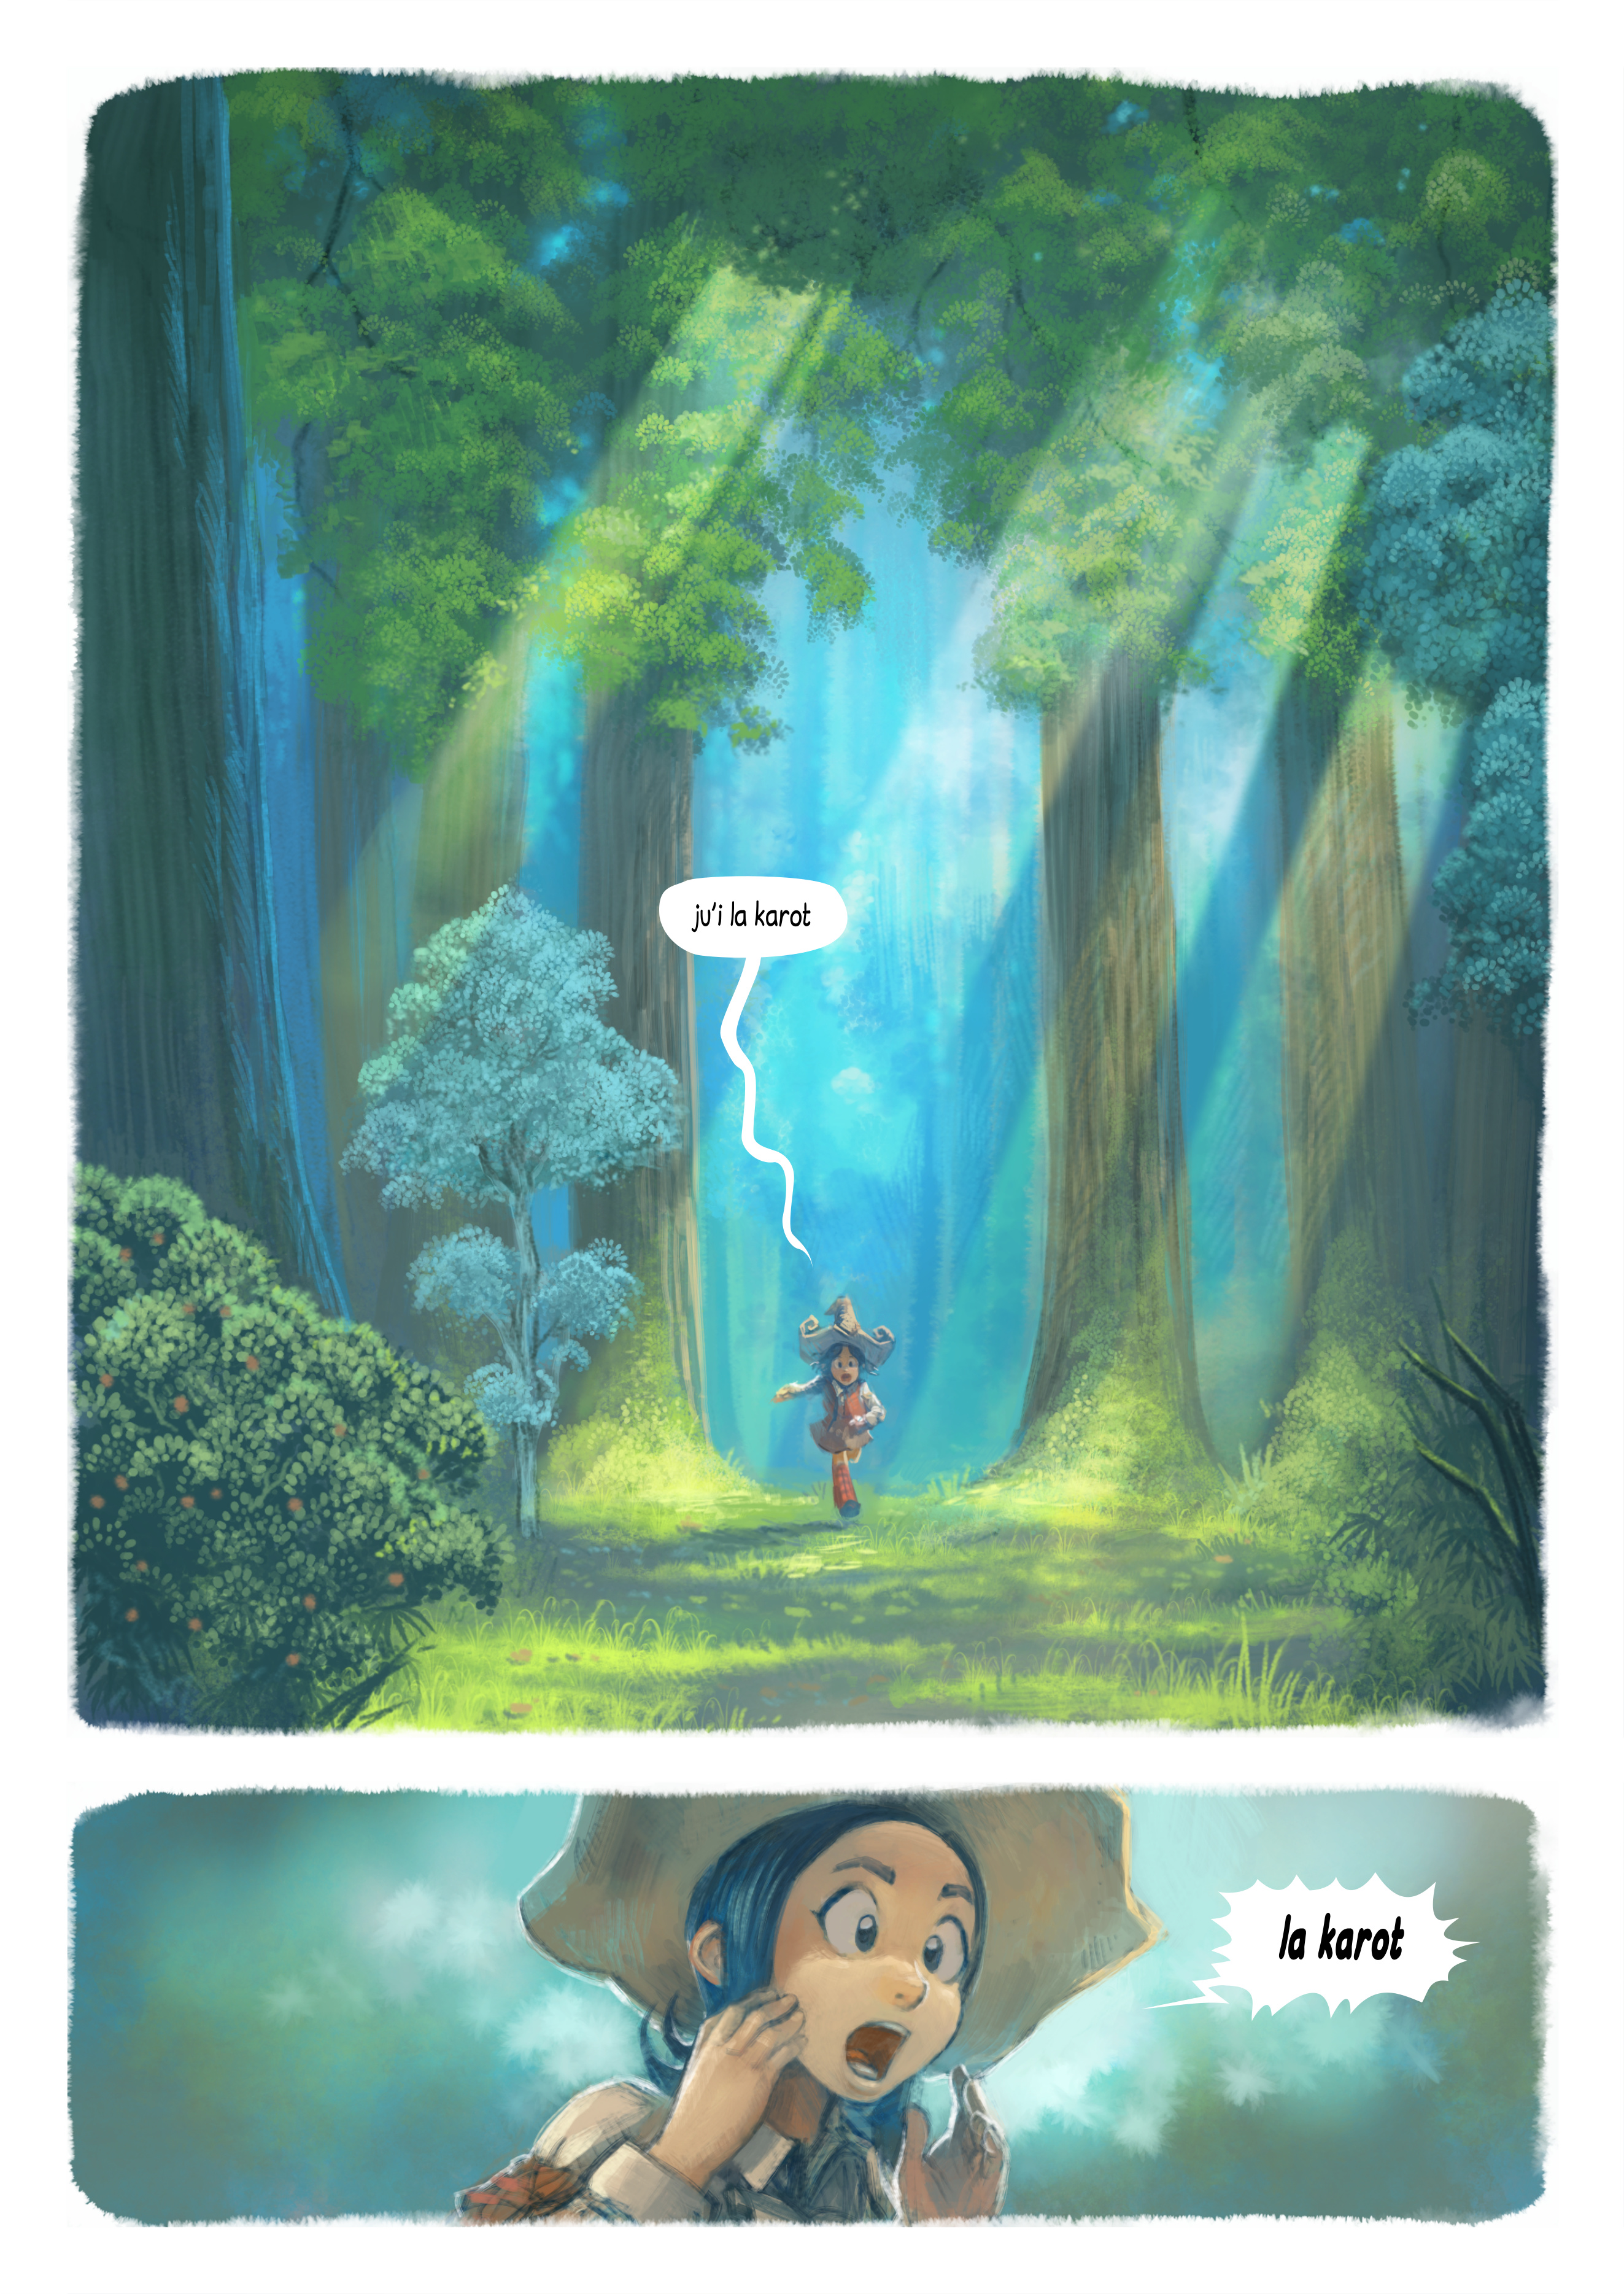 i 7 mo'o lisri le se djica, Page 1